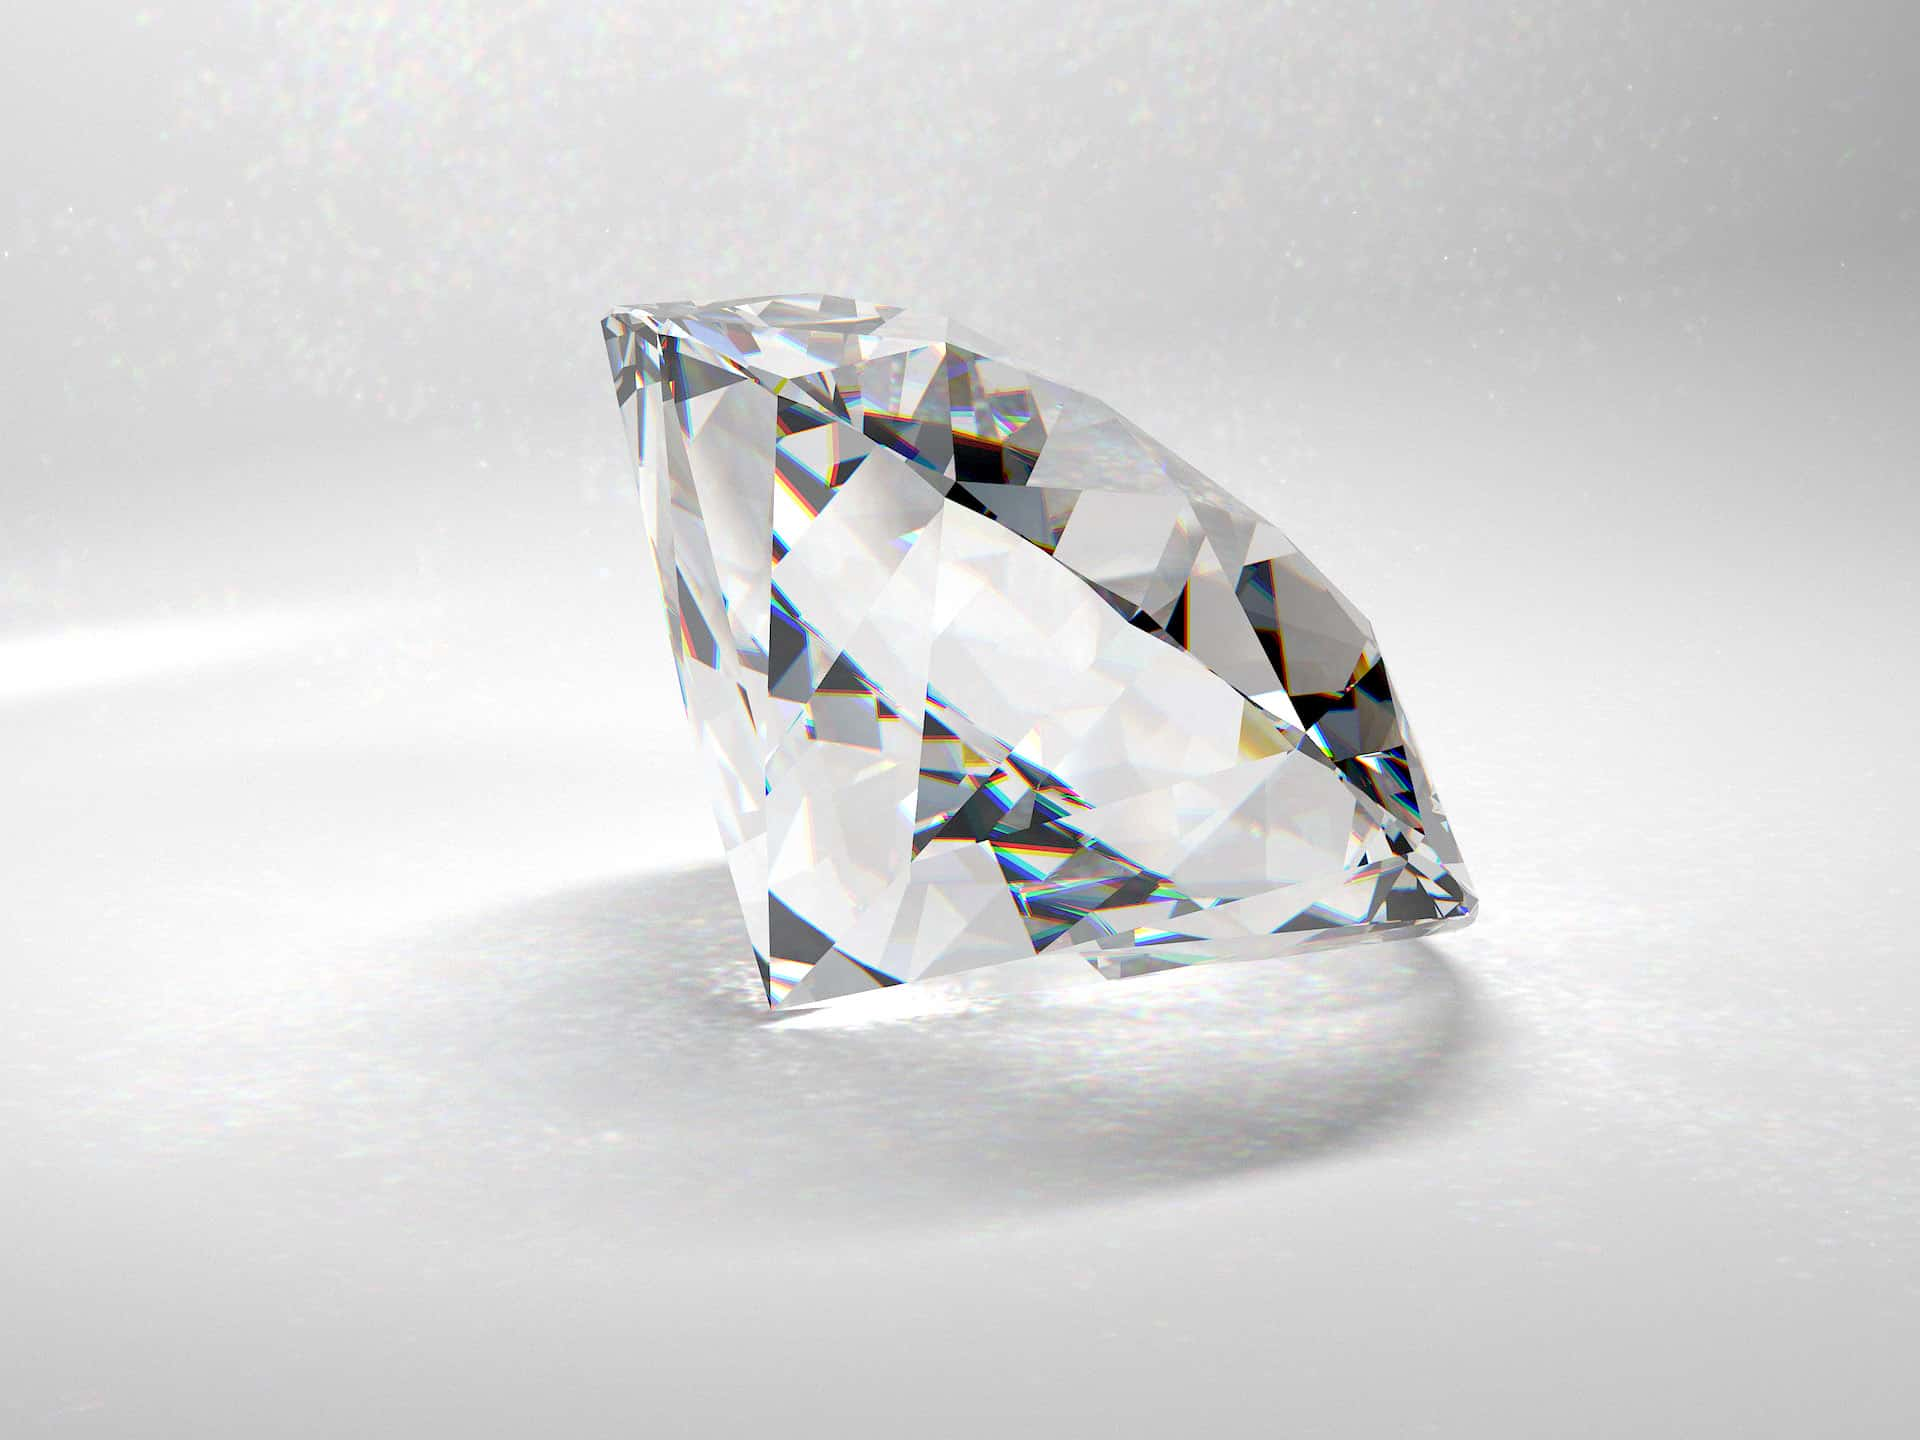 oszlifowany diament w powiększeniu